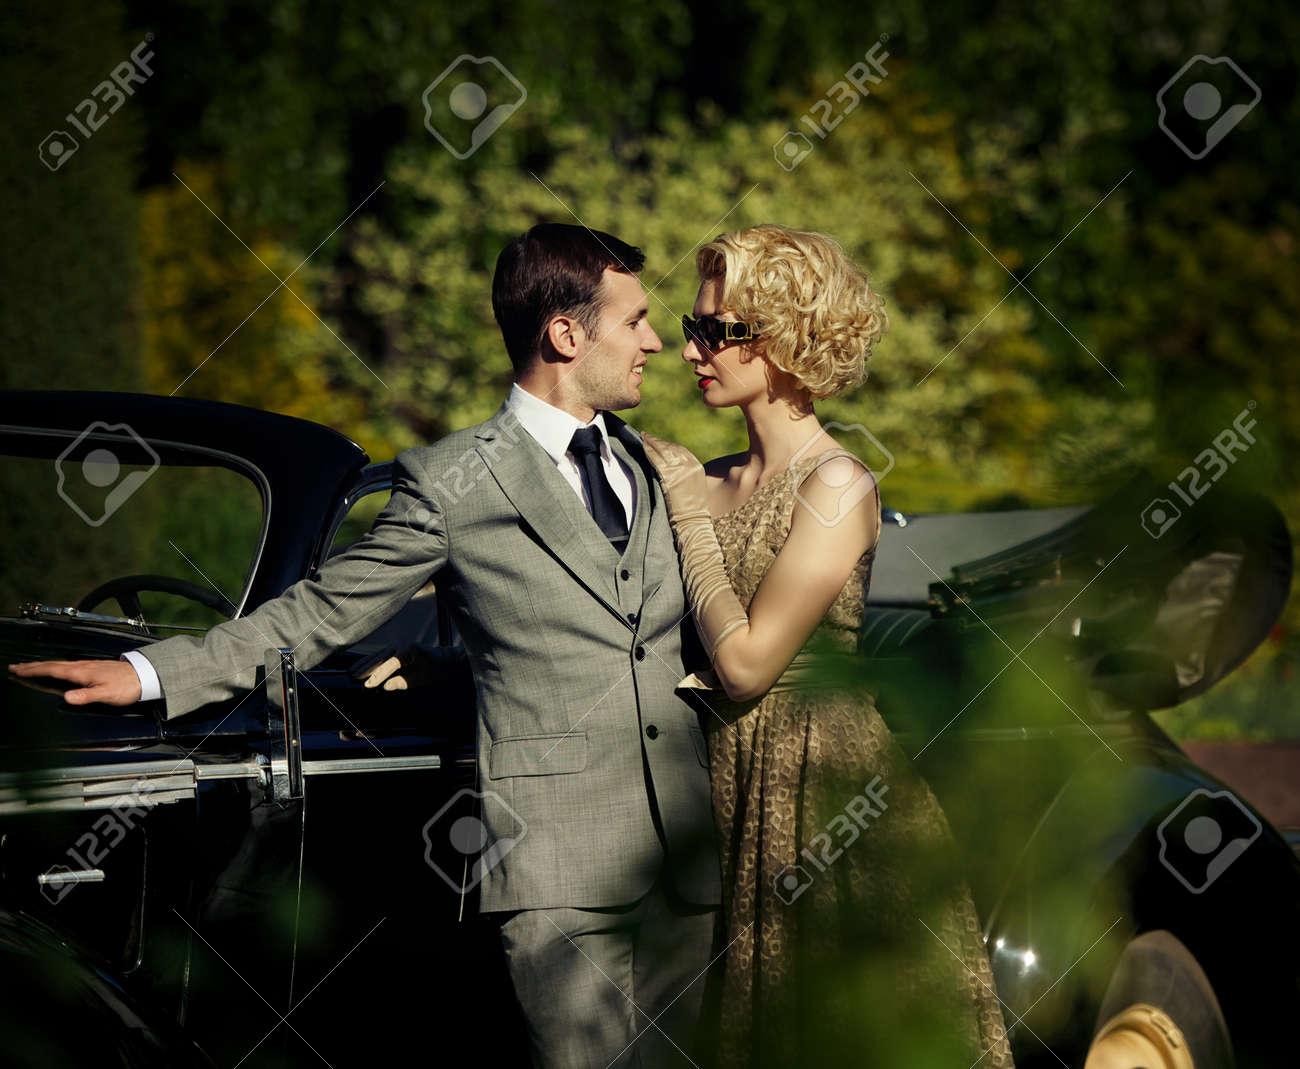 Couple near a retro car outdoors Stock Photo - 13809585